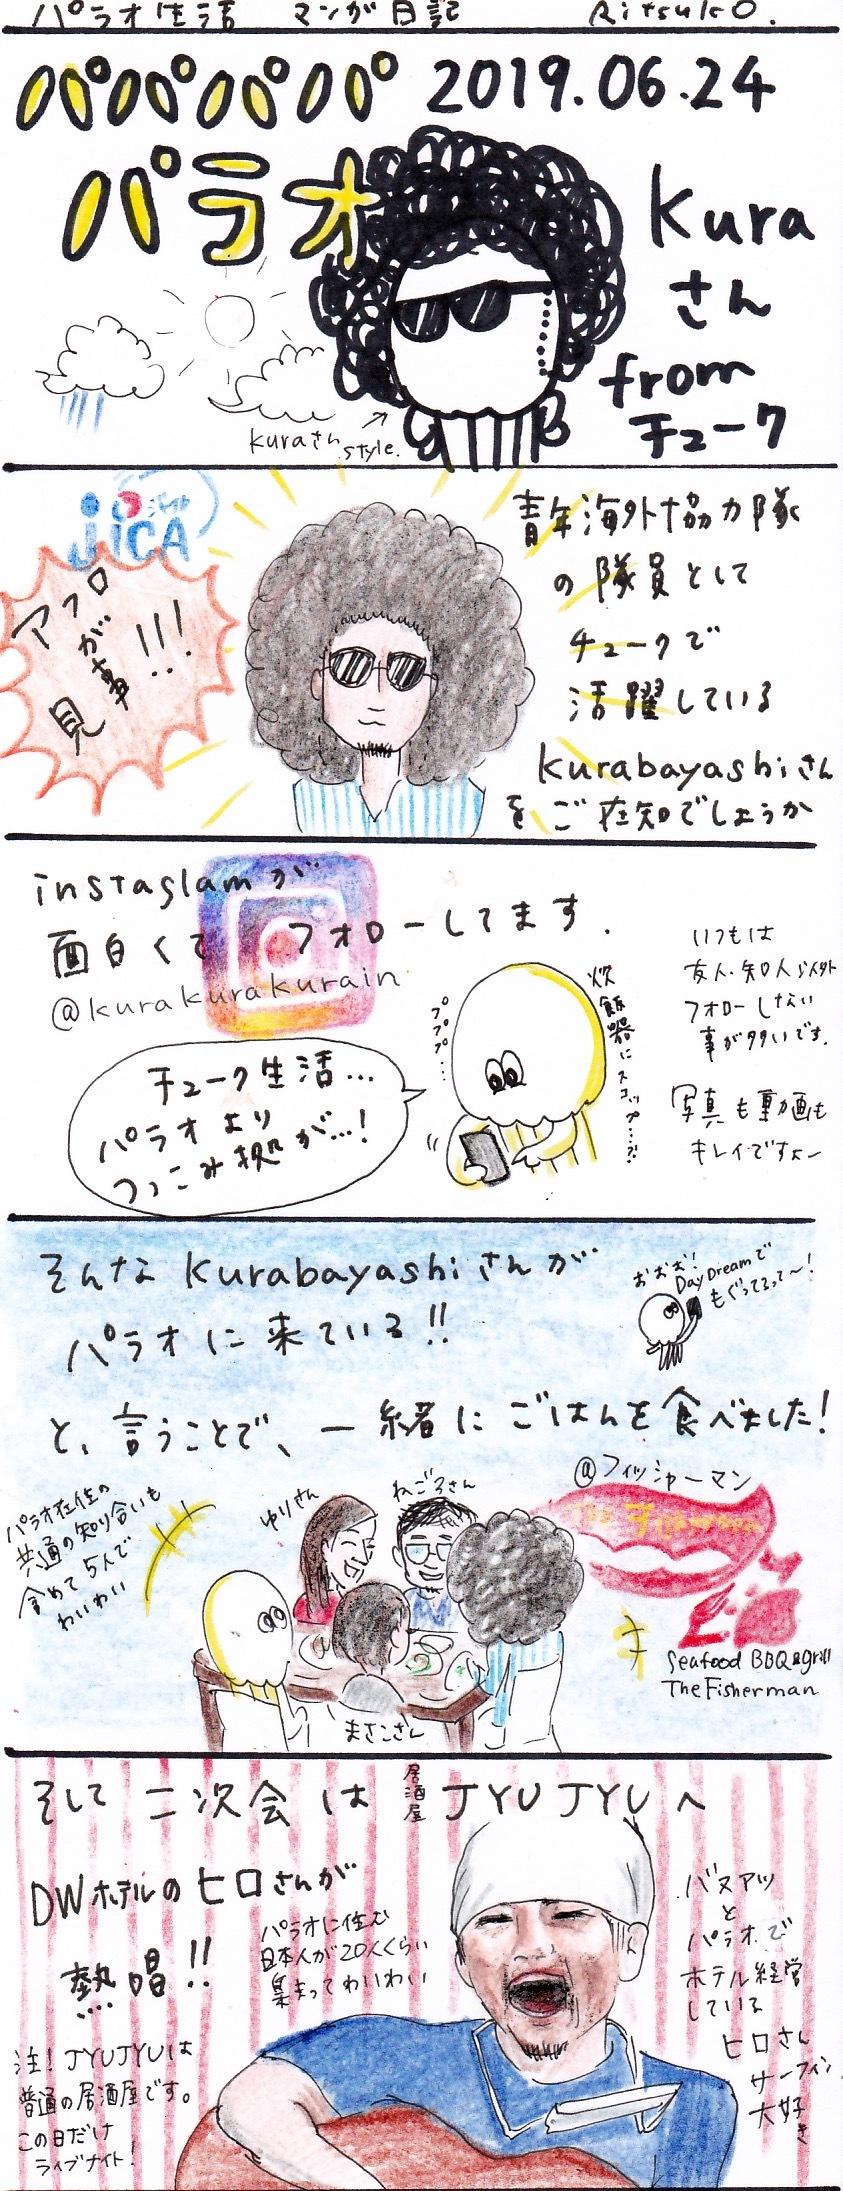 20190624 Kuraさんfromチューク 1